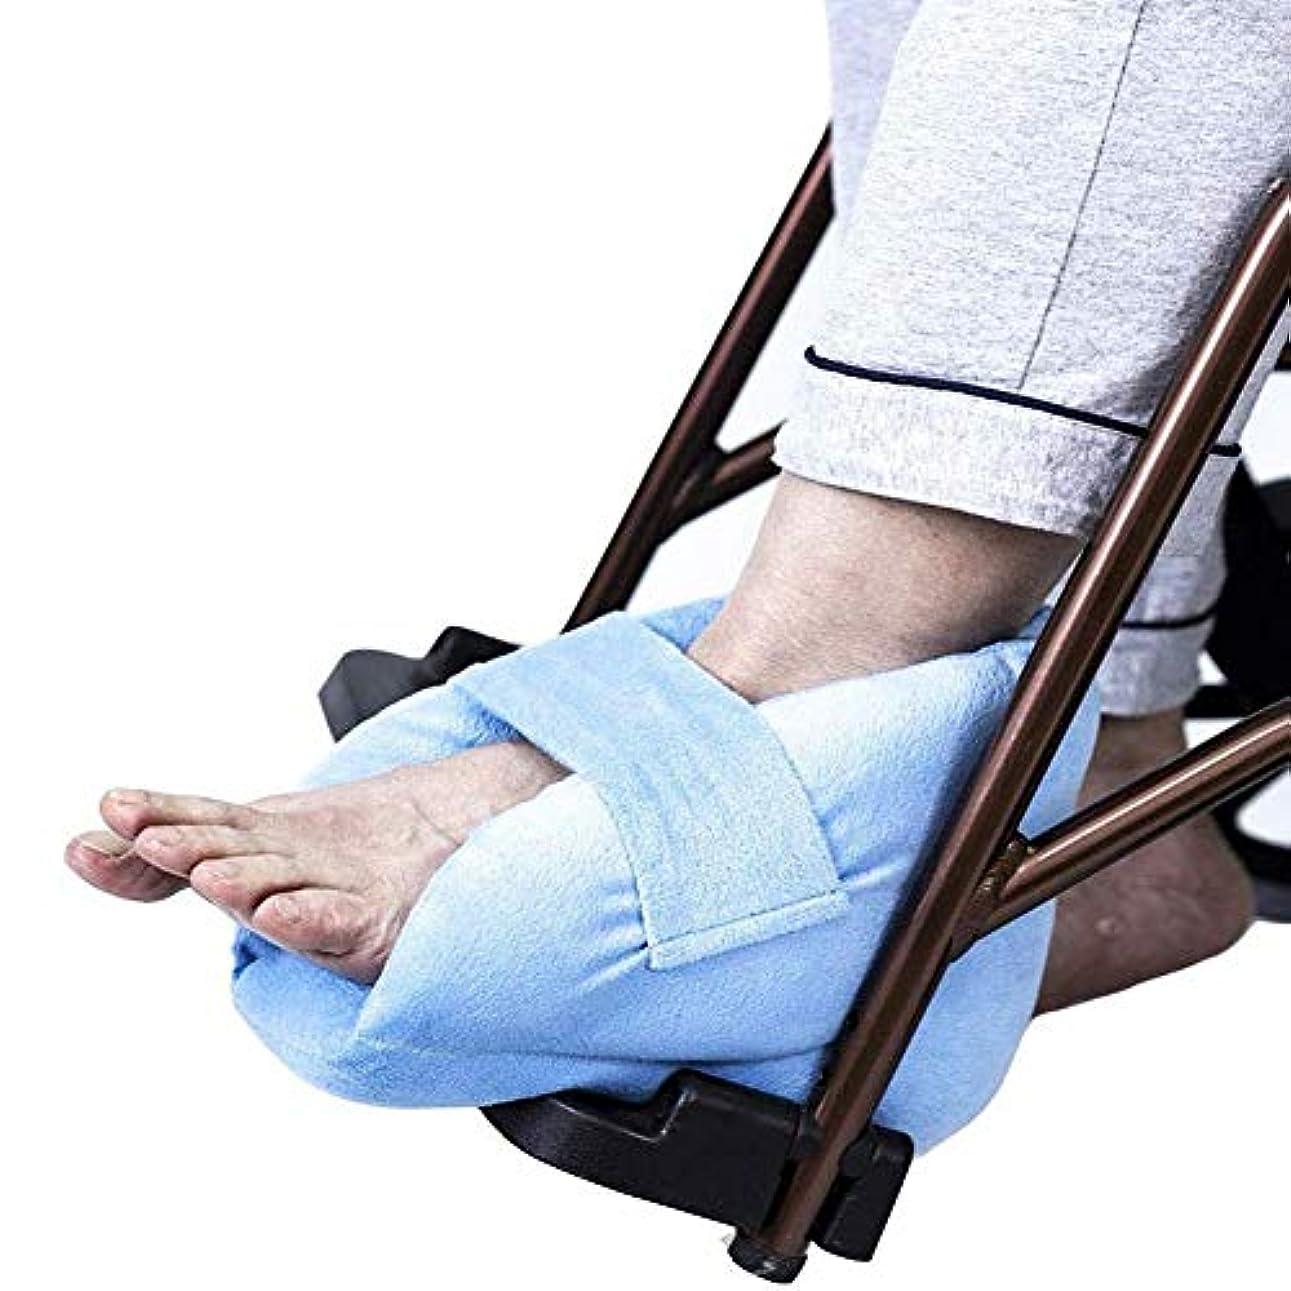 怒る適応カールヒールパッド、ライトブルー- 床擦れ 褥瘡ウォッシャブルダブルパッドヒールパッド介護用品 軽量